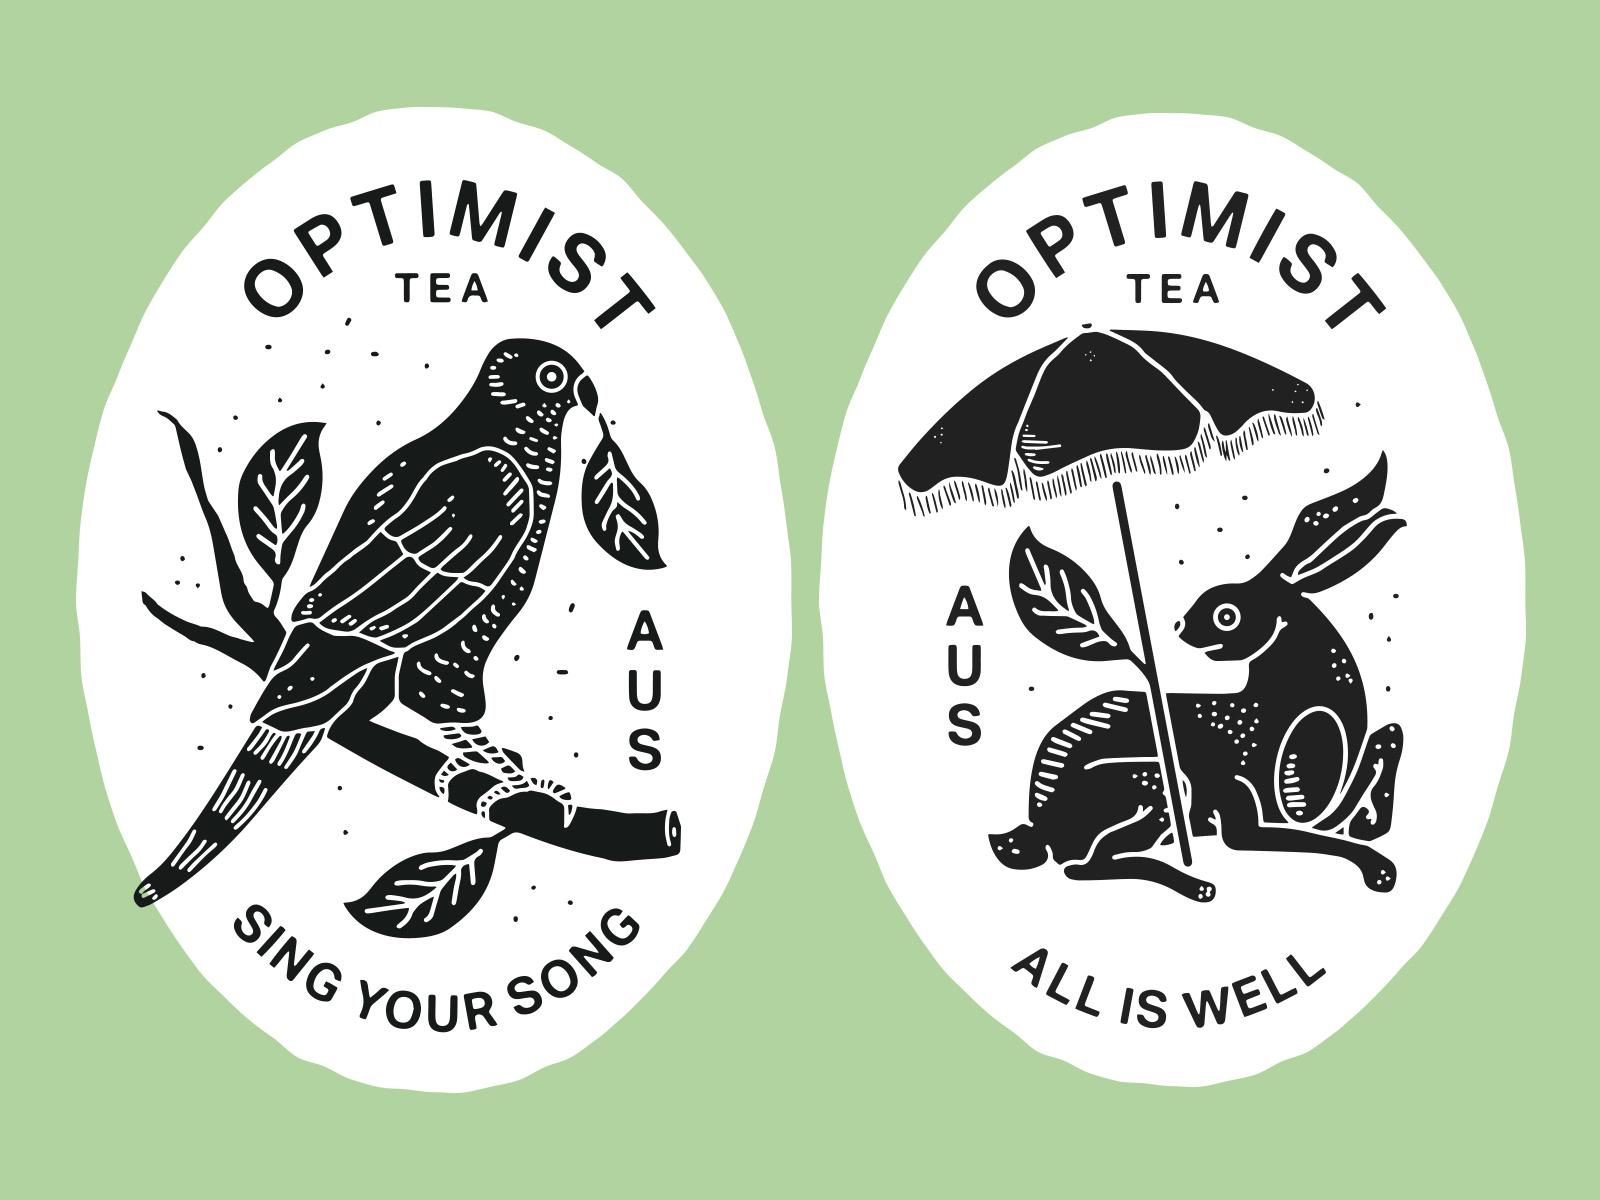 Optimist 1 1 1 1